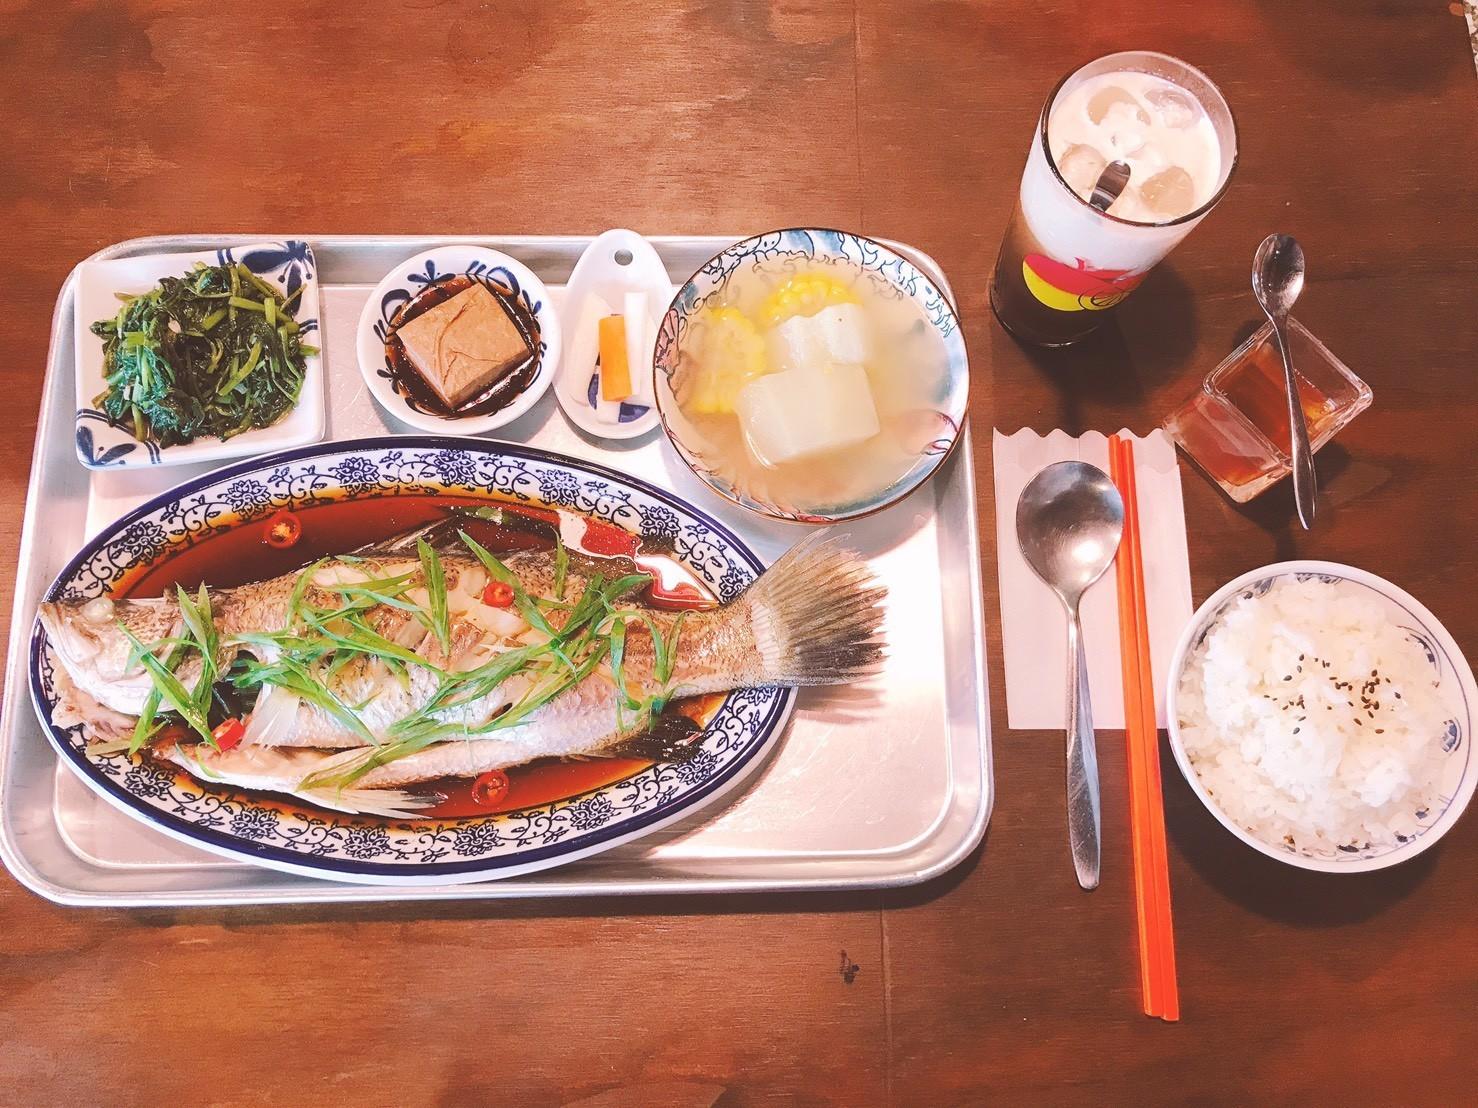 04嘉義東區復古風台式簡餐-弄來小餐桌-清蒸鱸魚|小福砌餐飲空間設計